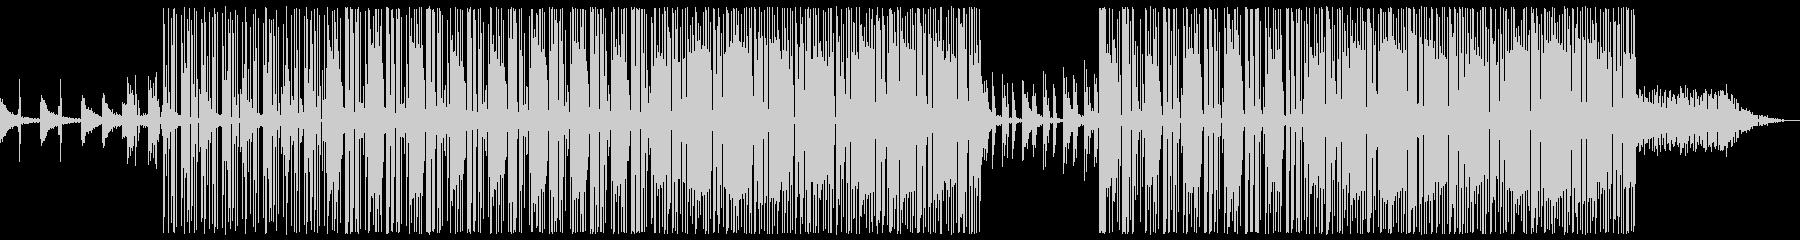 怪しい 深夜 トラップビートの未再生の波形